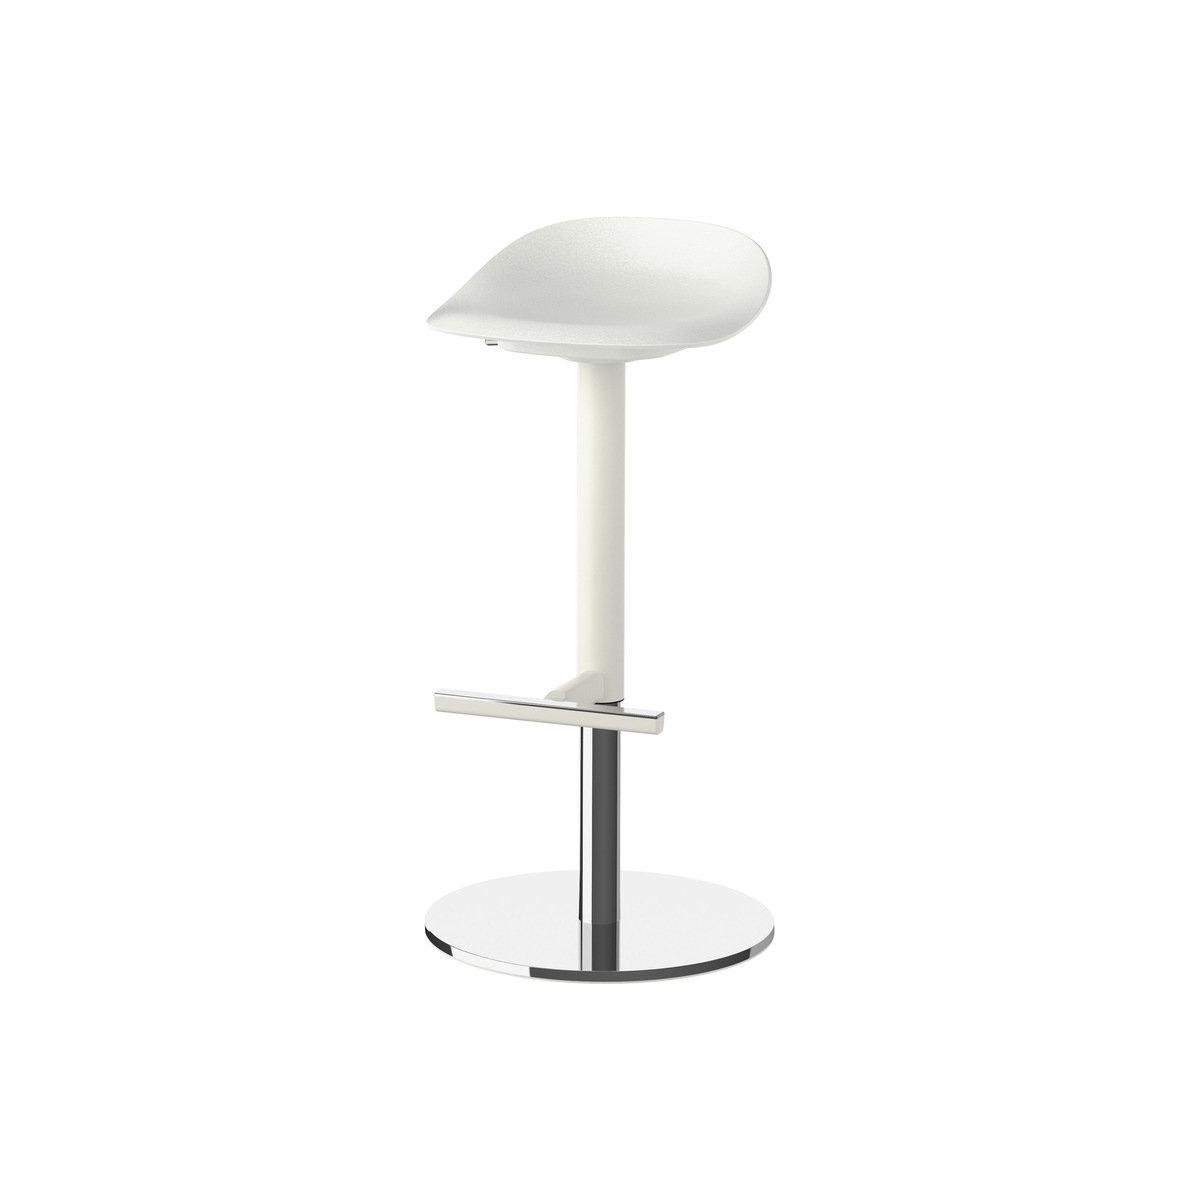 IKEA - barová židlička JANINGE - Obrázek č. 1